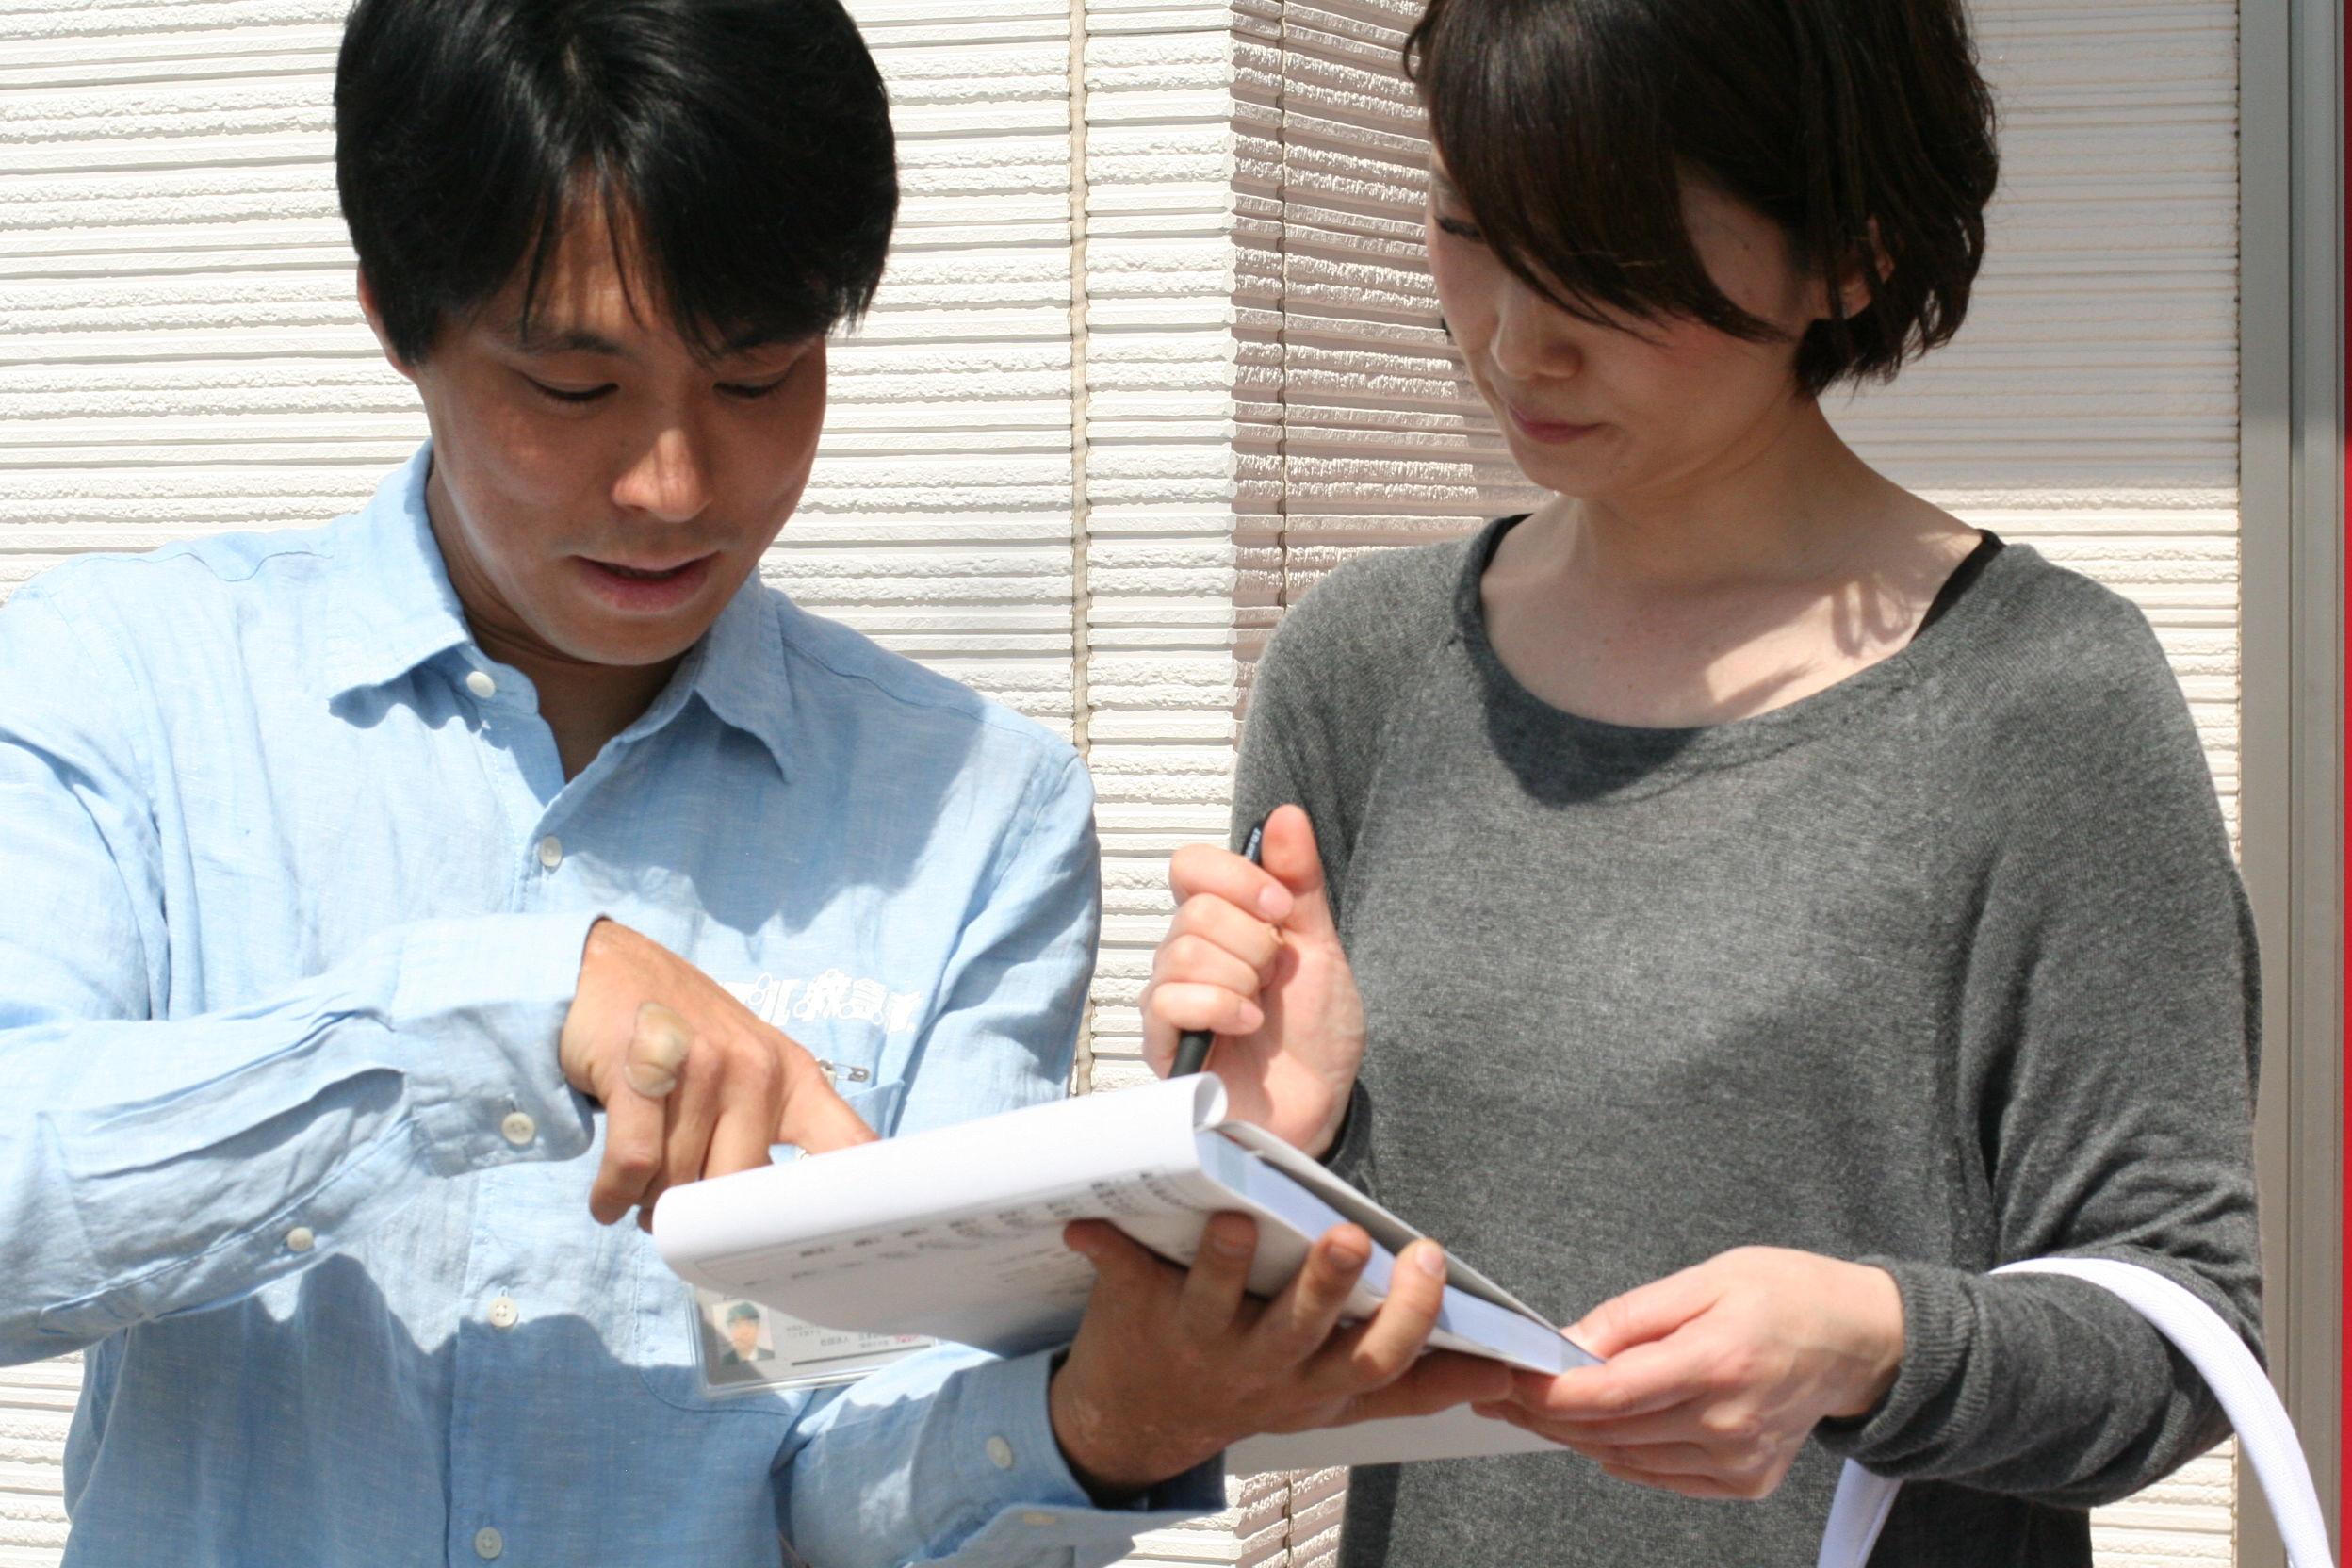 鍵のトラブル救急車【西尾市 出張エリア】のメイン画像